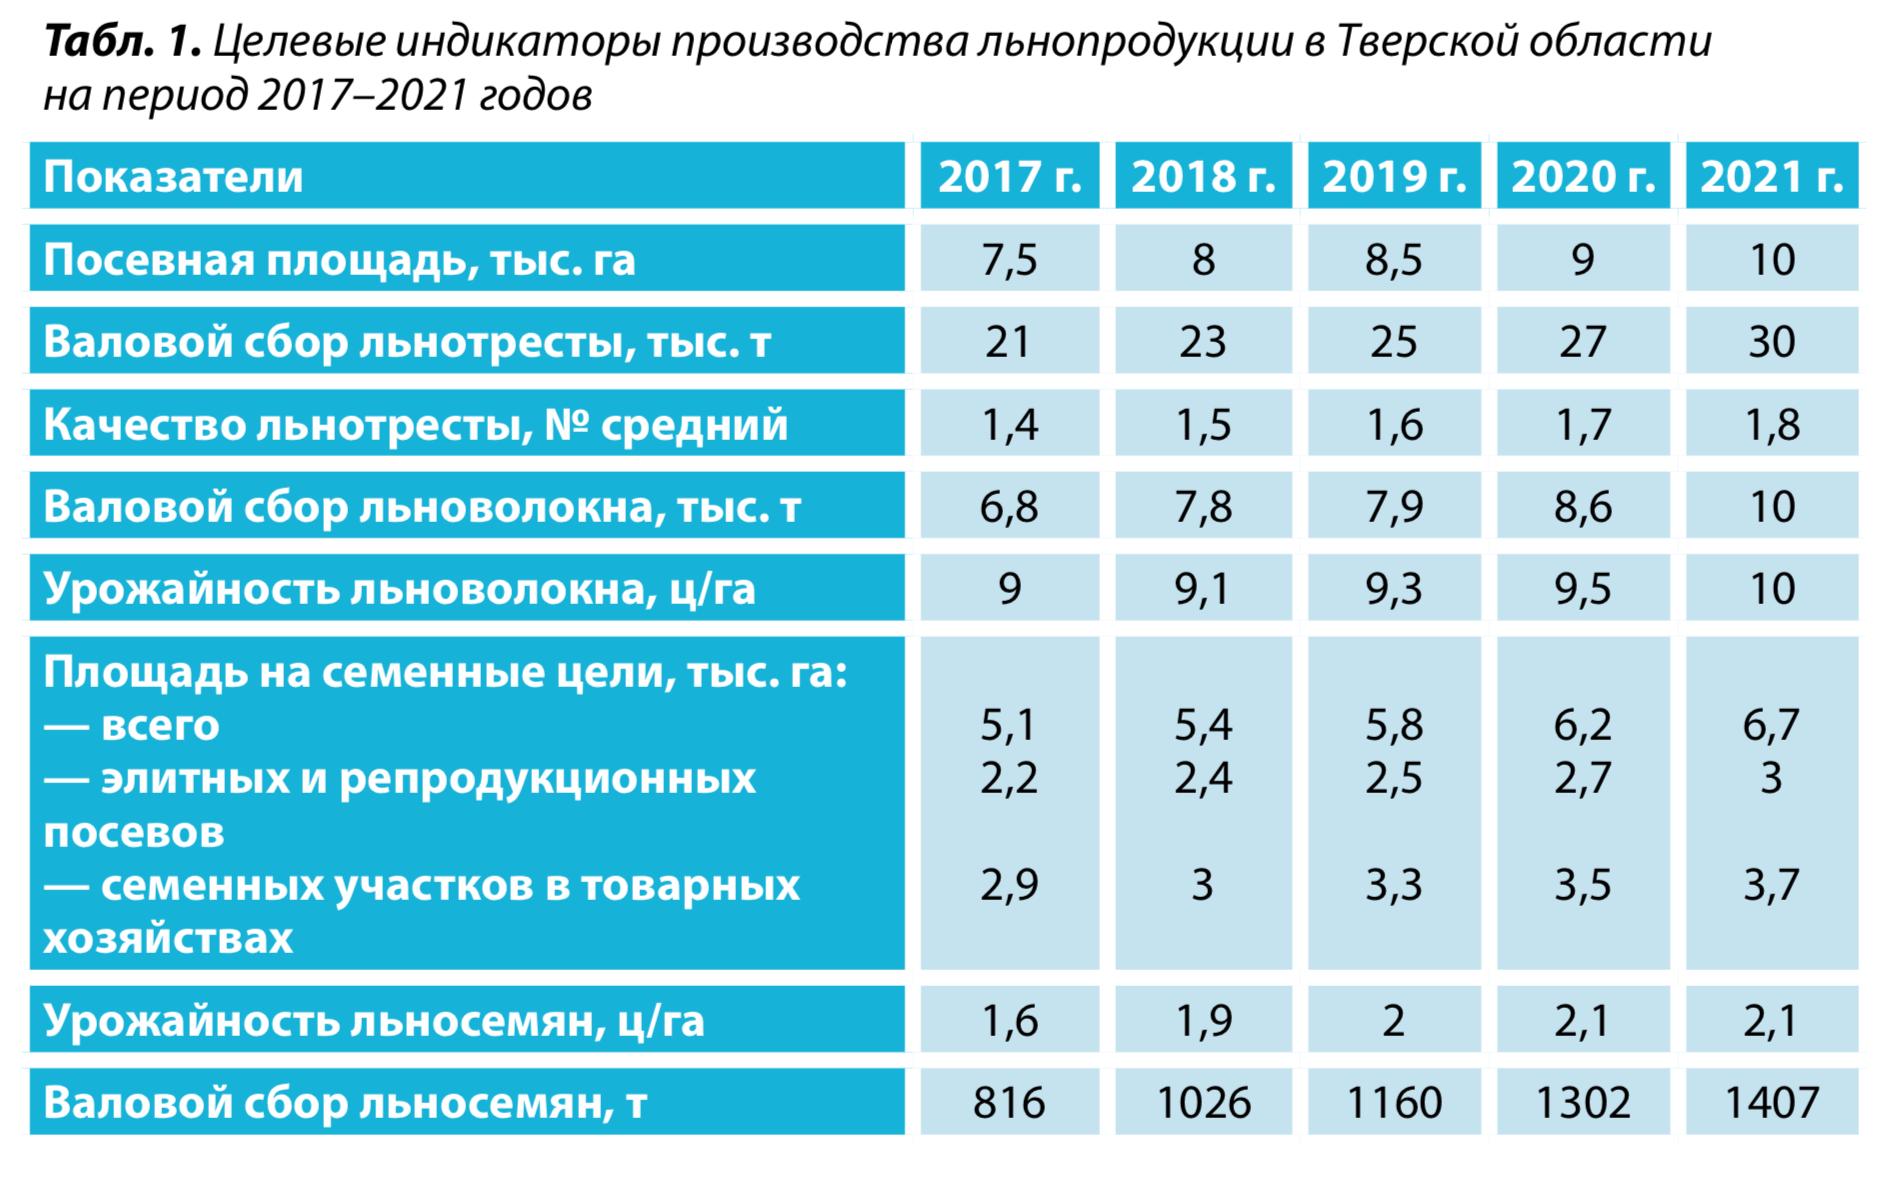 1. Целевые индикаторы производства льнопродукции в Тверской области на период 2017–2021 годов